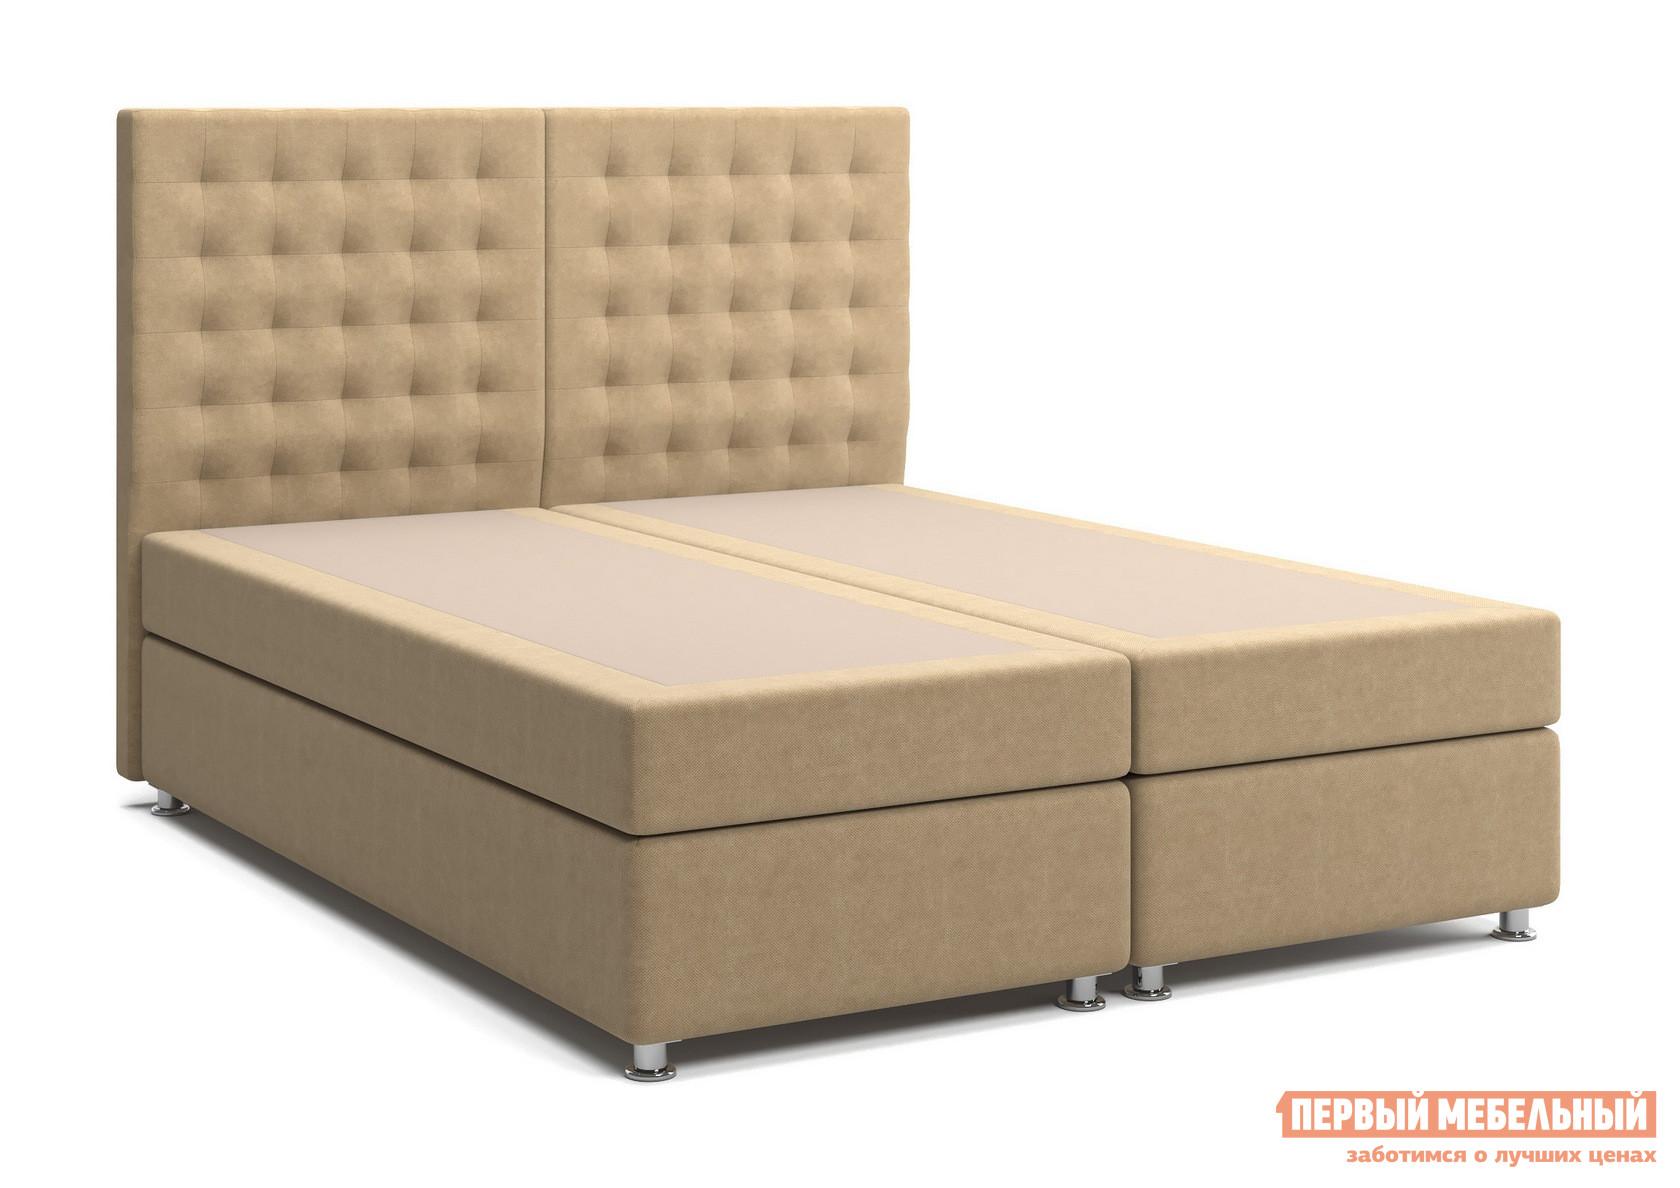 Двуспальная кровать с матрасом СтолЛайн Парадиз 1 (матрасы с независимым пружинным блоком, 2 шт.)